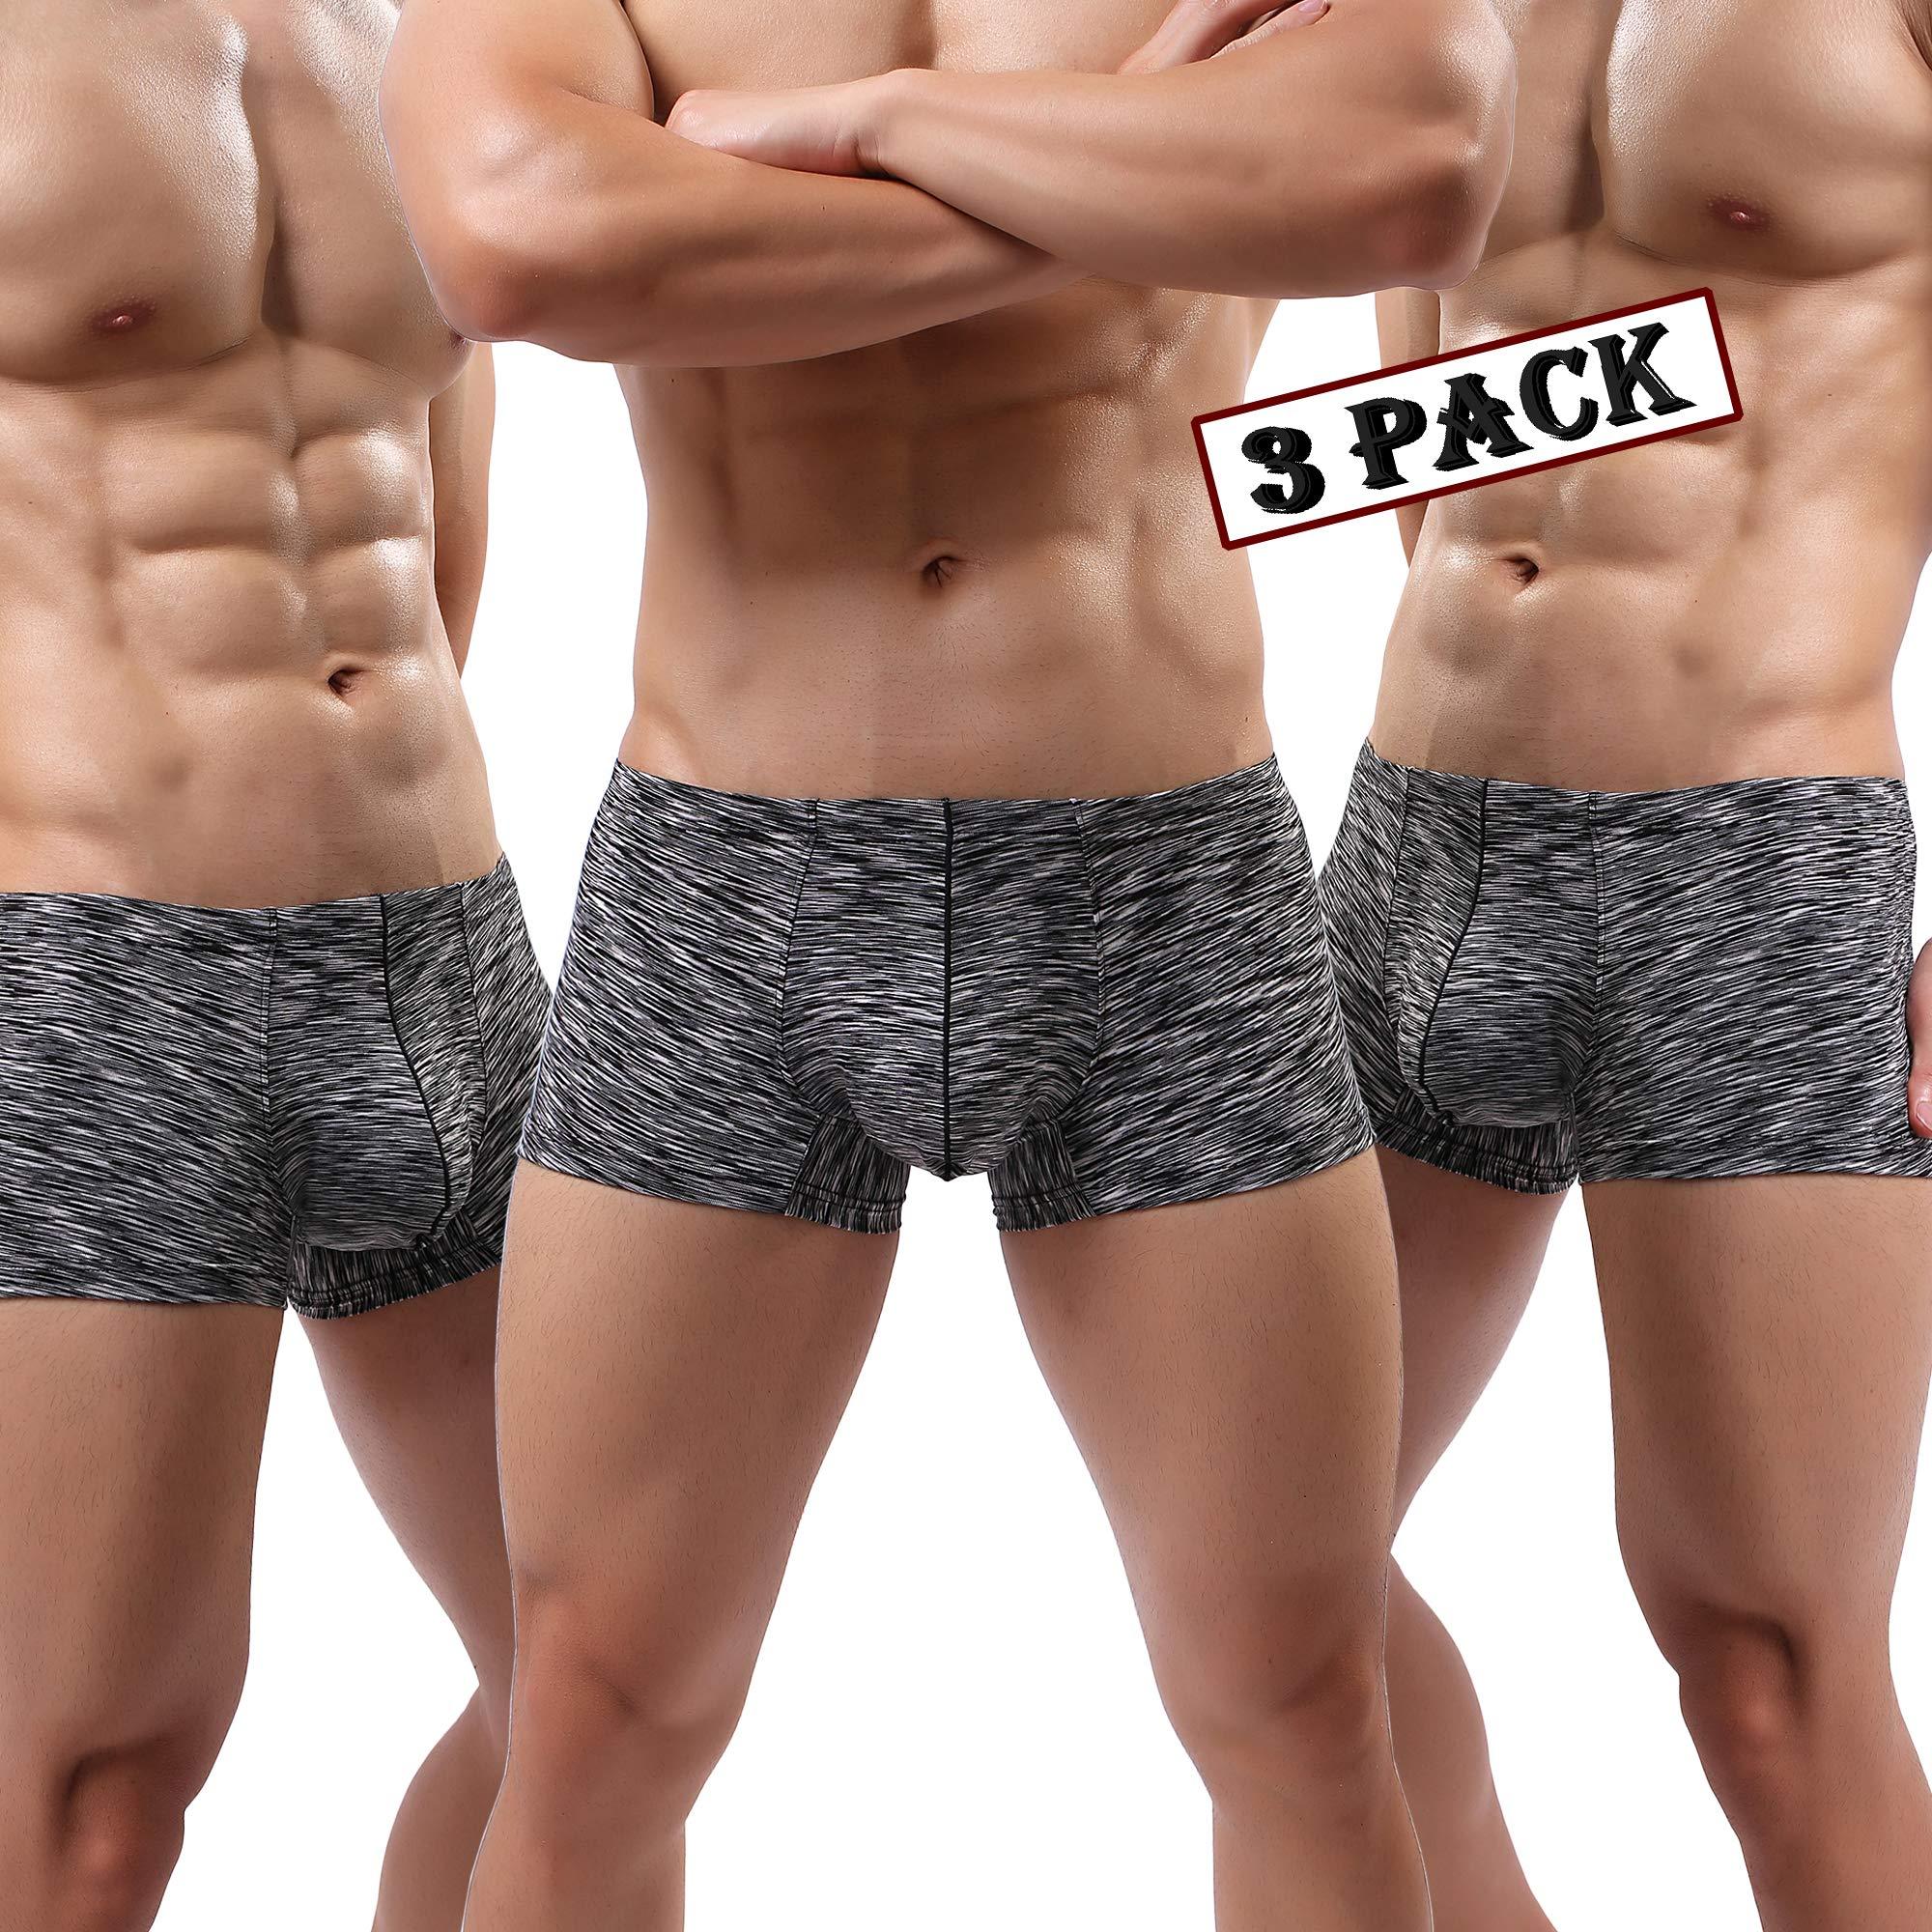 MAKEIIT Young Underwear X-Temp Boxers Guys Underwear Fitted Cool Boxer Briefs Men